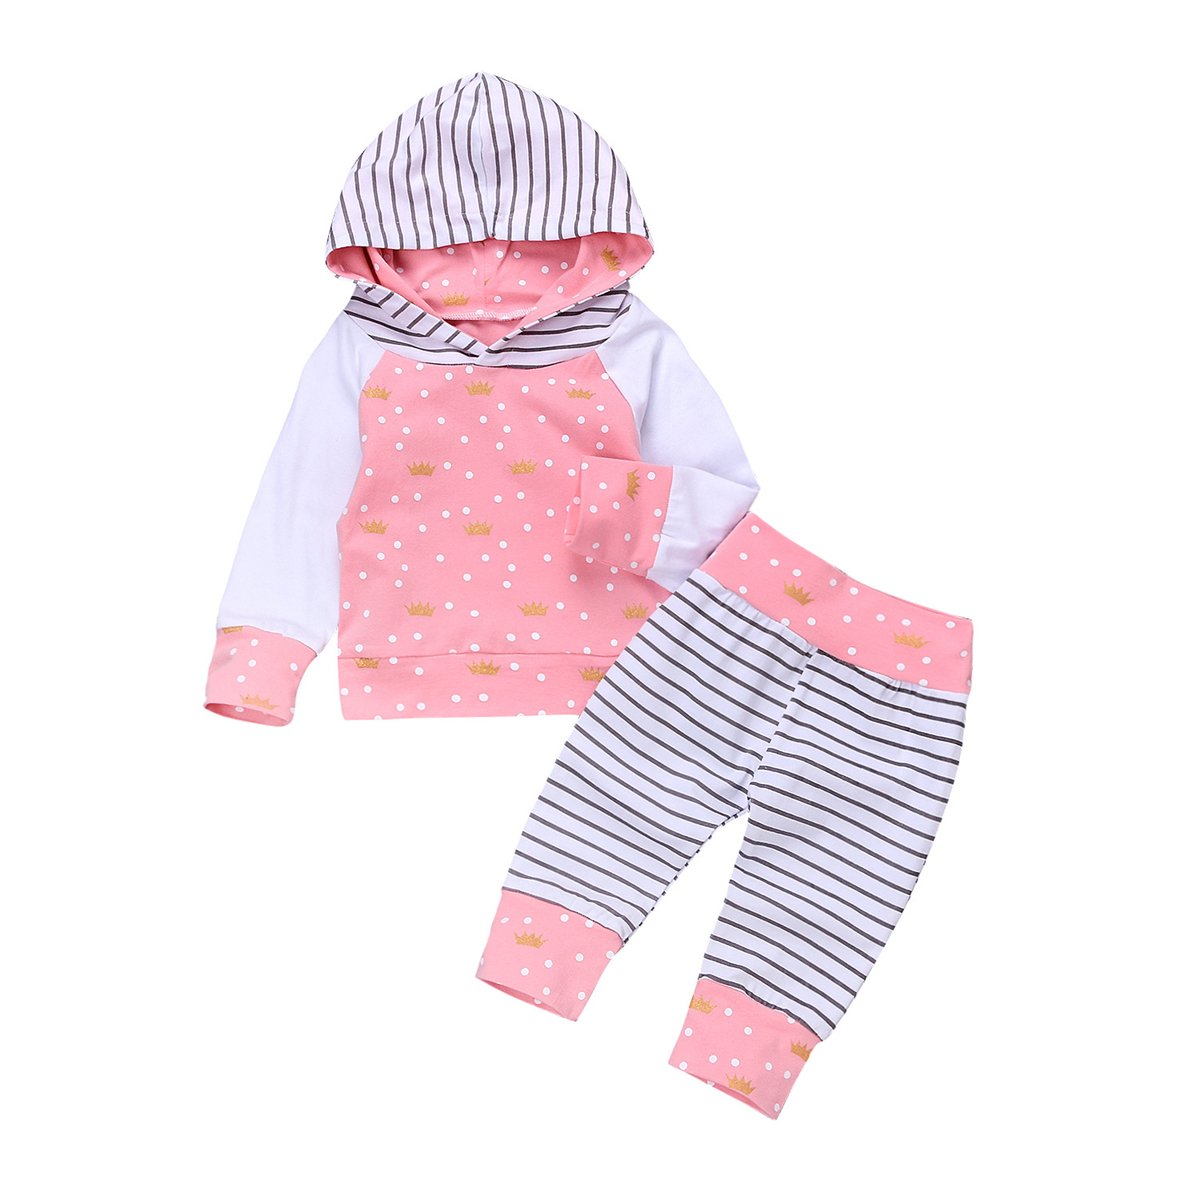 HAOKTY Baby Mädchen Kleidungs Outfit Trainingsanzug Langes mit Kapuze Sweatshirts und Gestreiftes Sweathosen Sweatanzüge für 0-2 Jahre Kleine